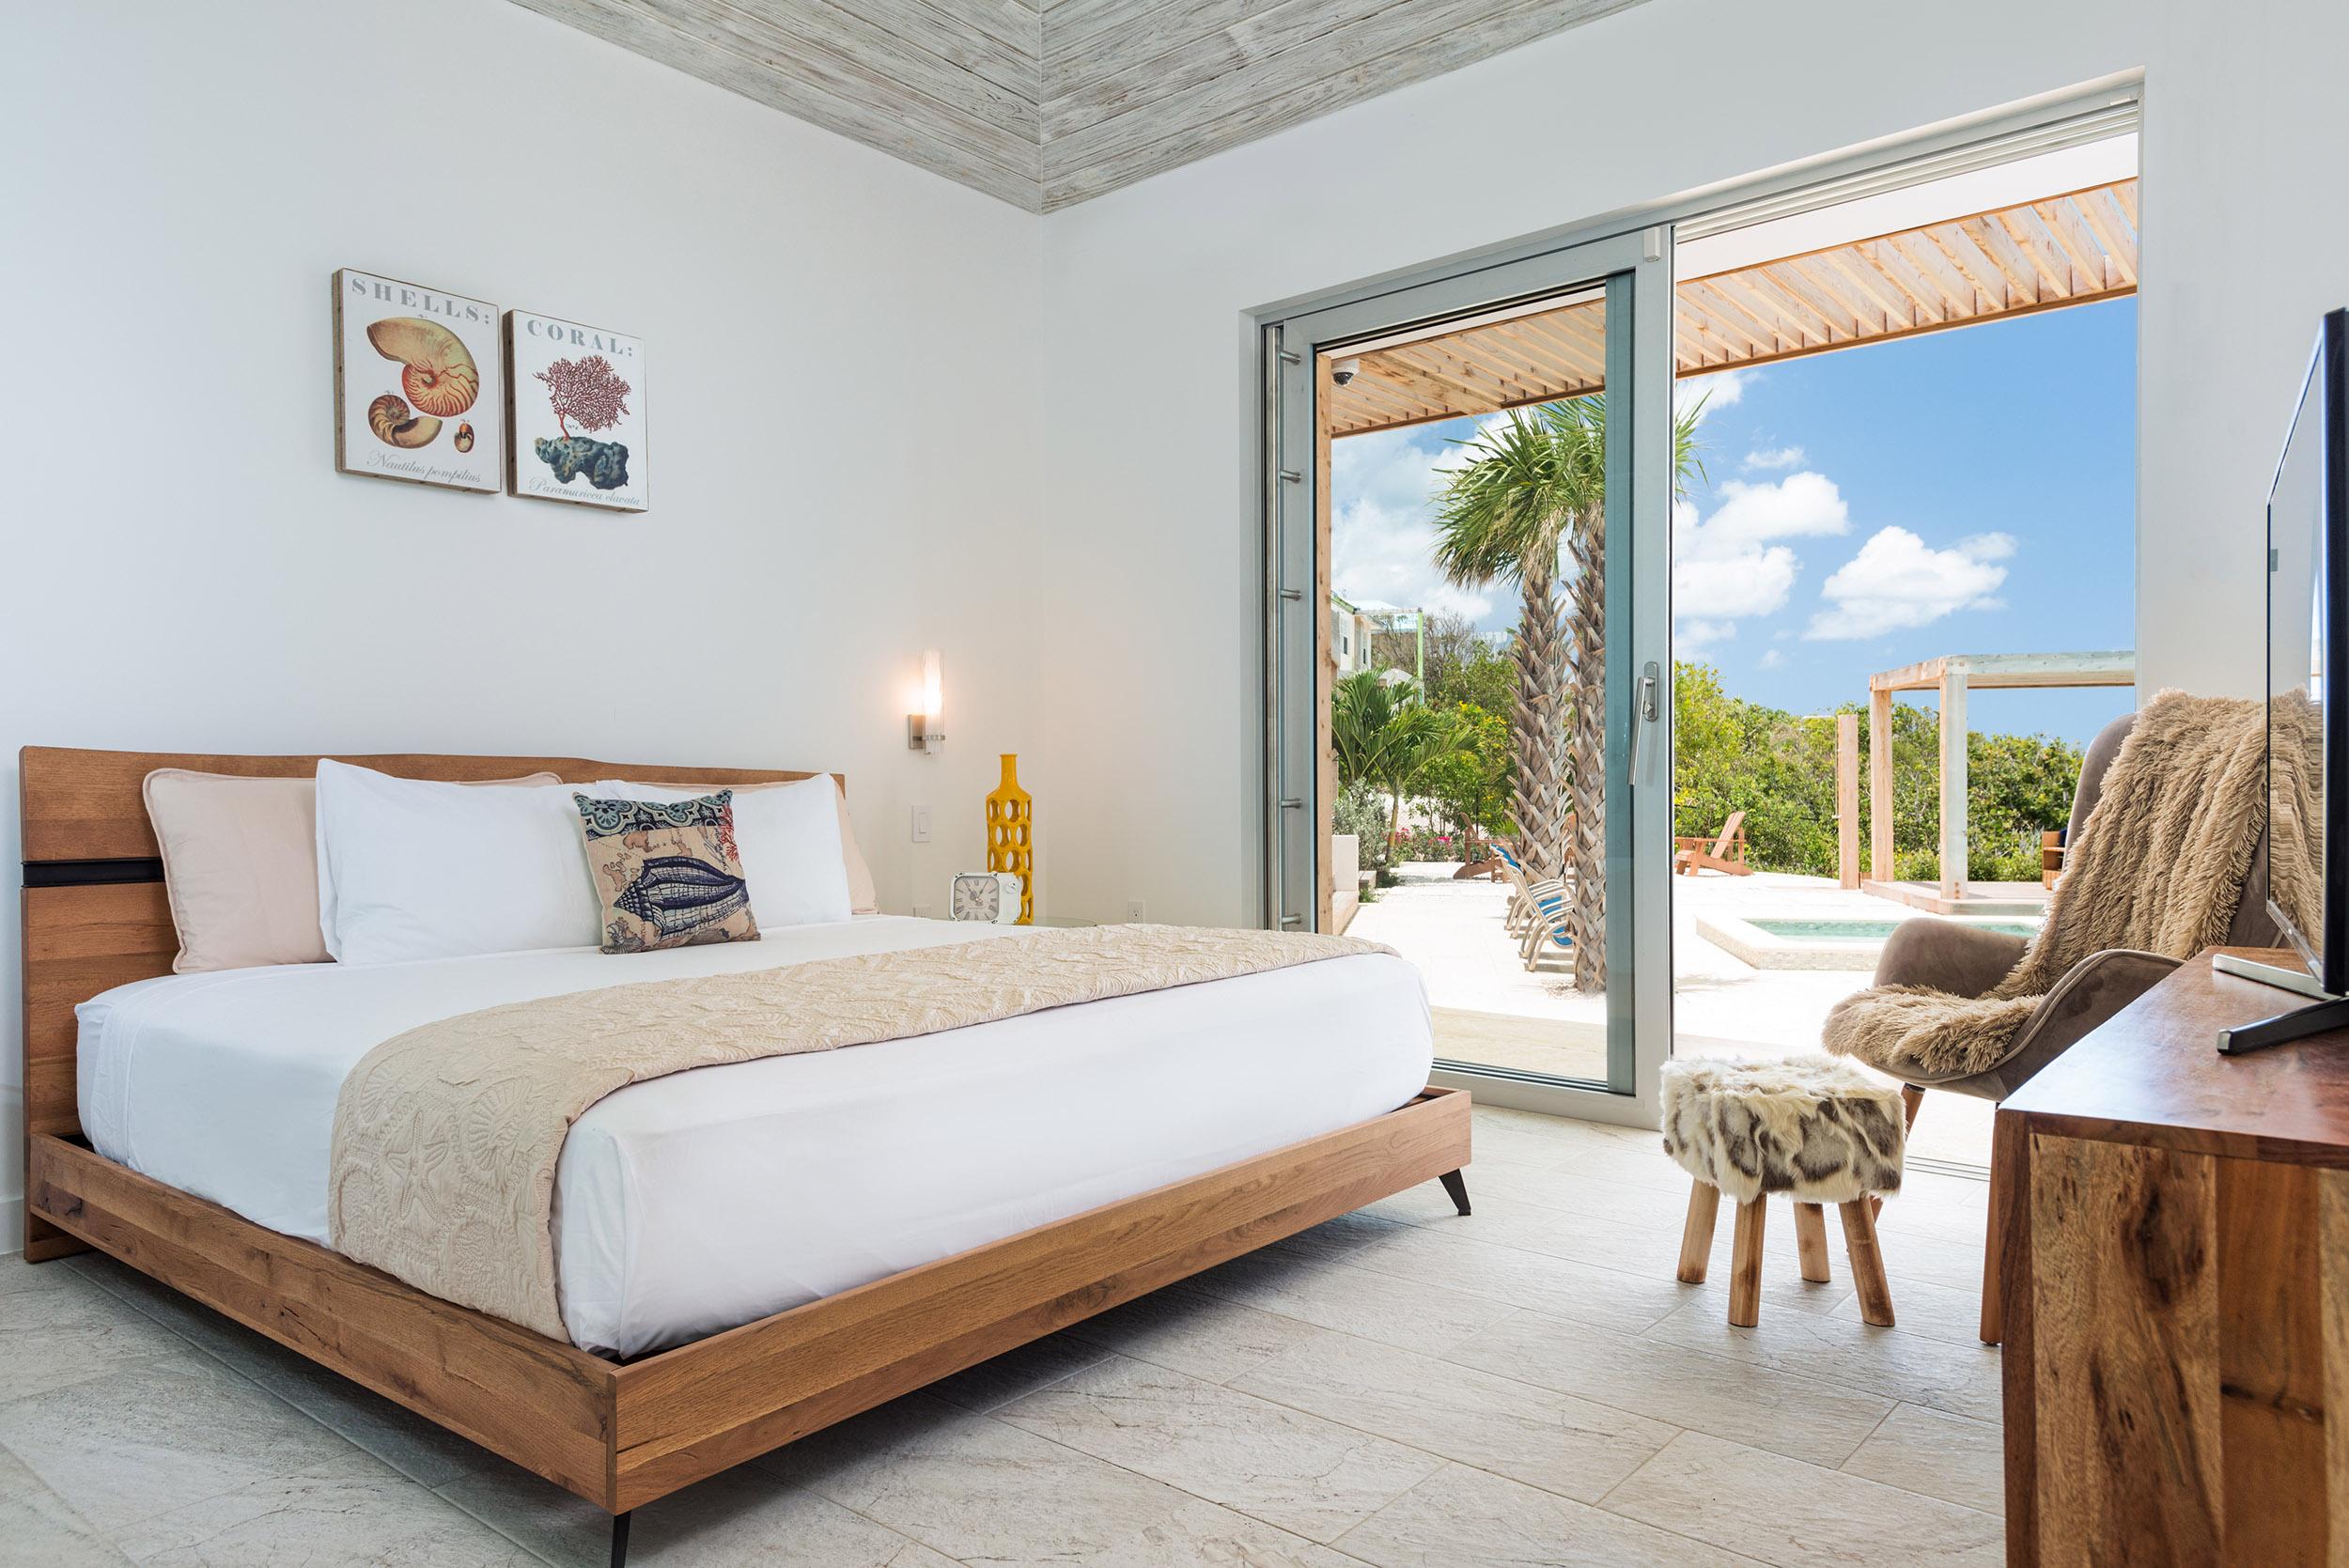 Villa Alinna - view of bedroom